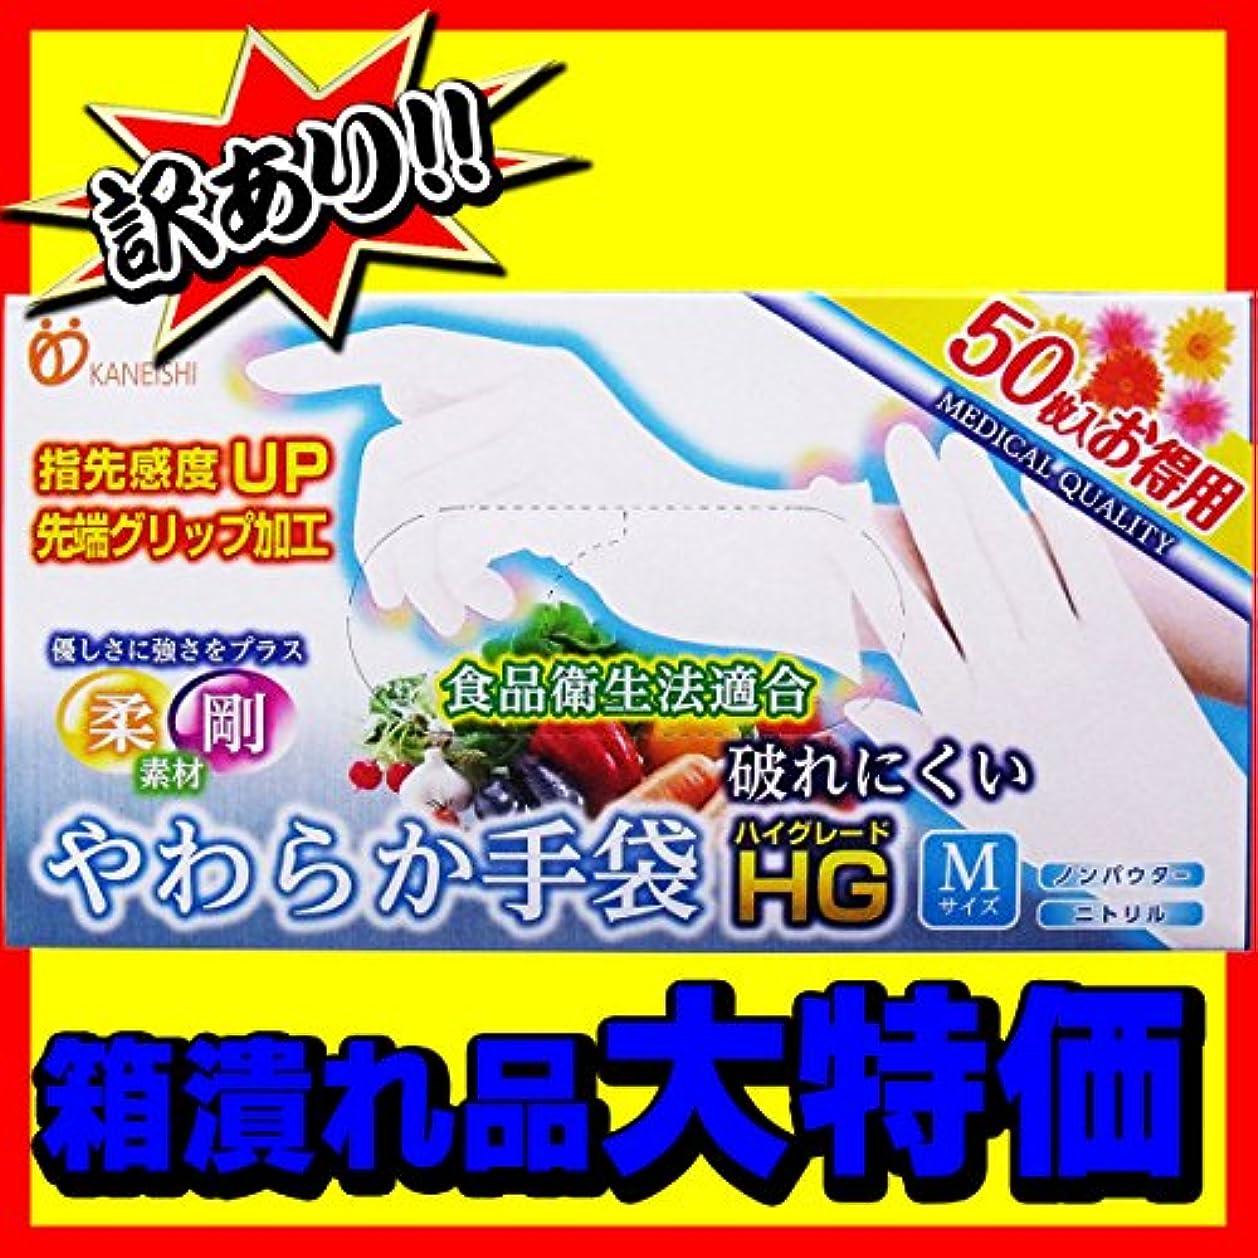 虎香水パース【訳アリ】 やわらか手袋HG(ハイグレード) 二トリル手袋 パウダーフリー Mサイズ50枚入×5個セット